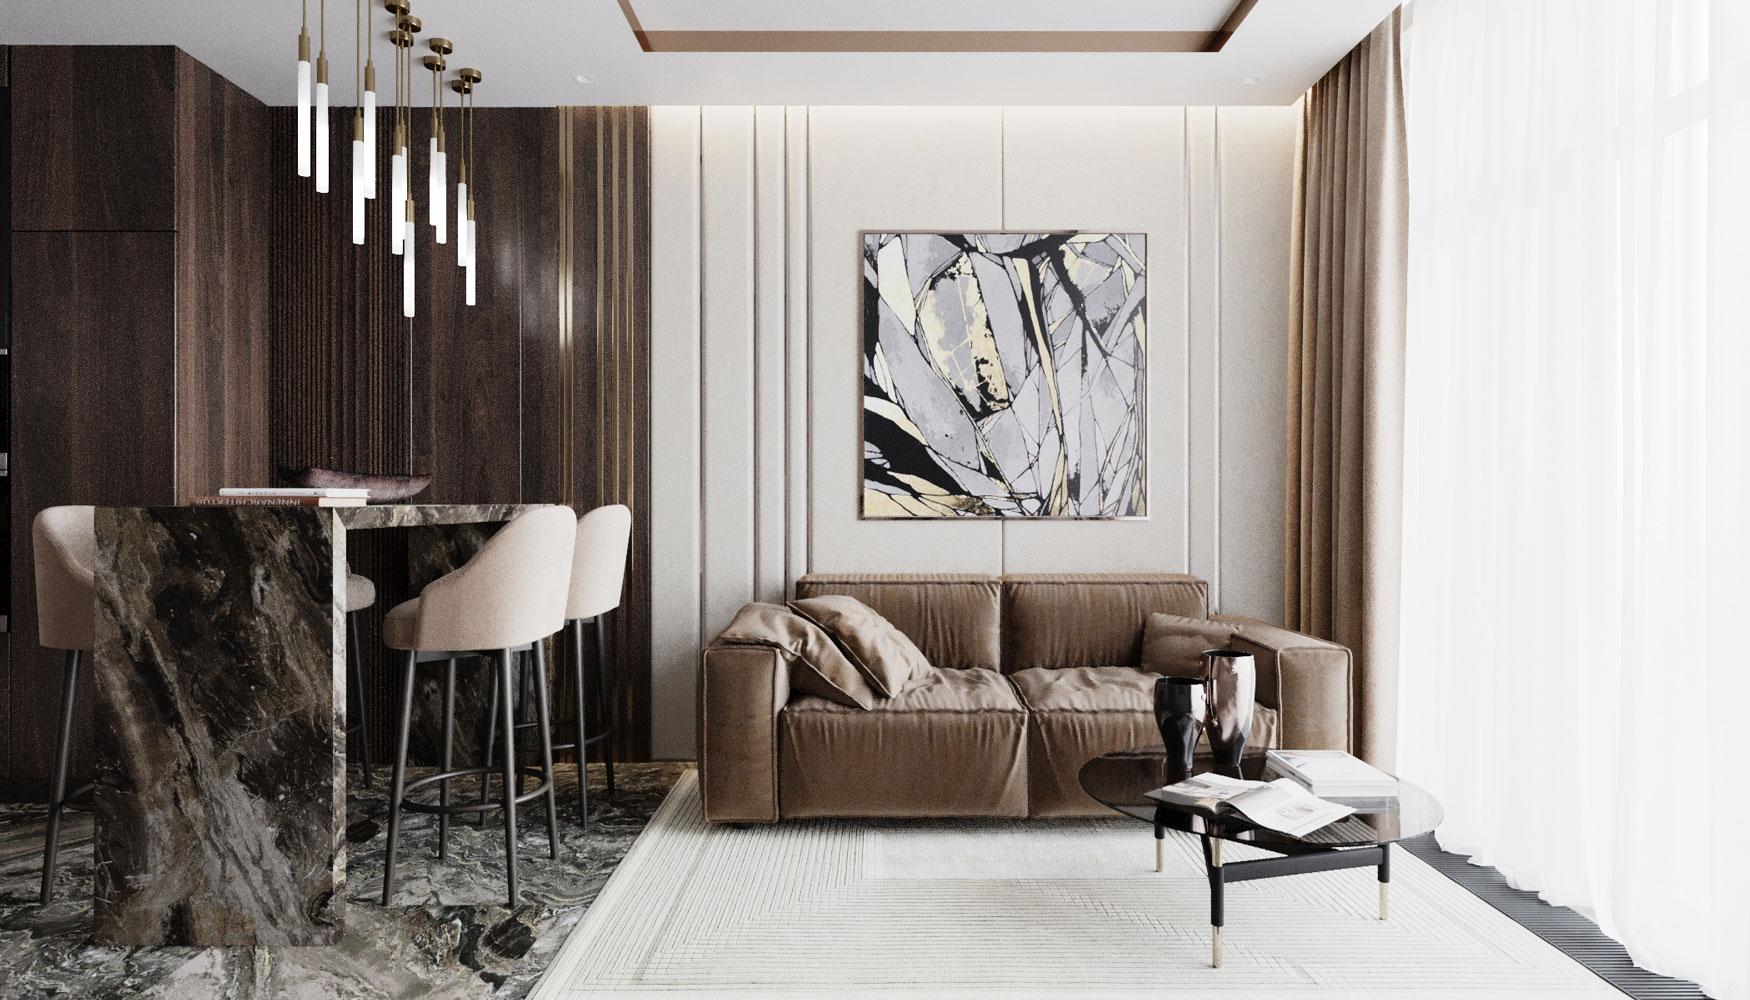 Когда хочется интерьер, похожий на дорогой номер в отеле, на помощь приходит дерево, латунь и мягкие стеновые панели